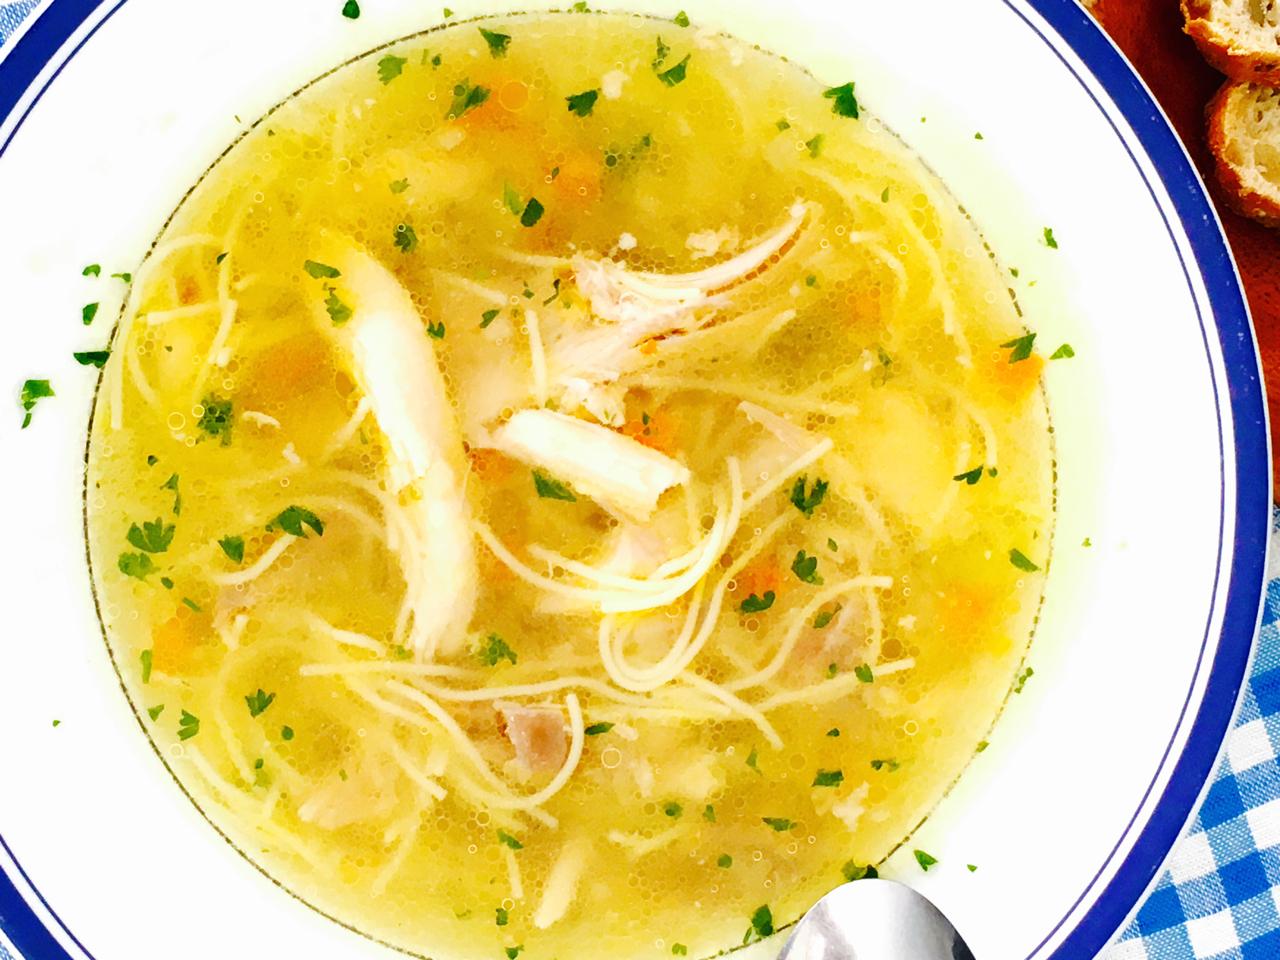 Суп для детей с индейкой рецепт пошагово в